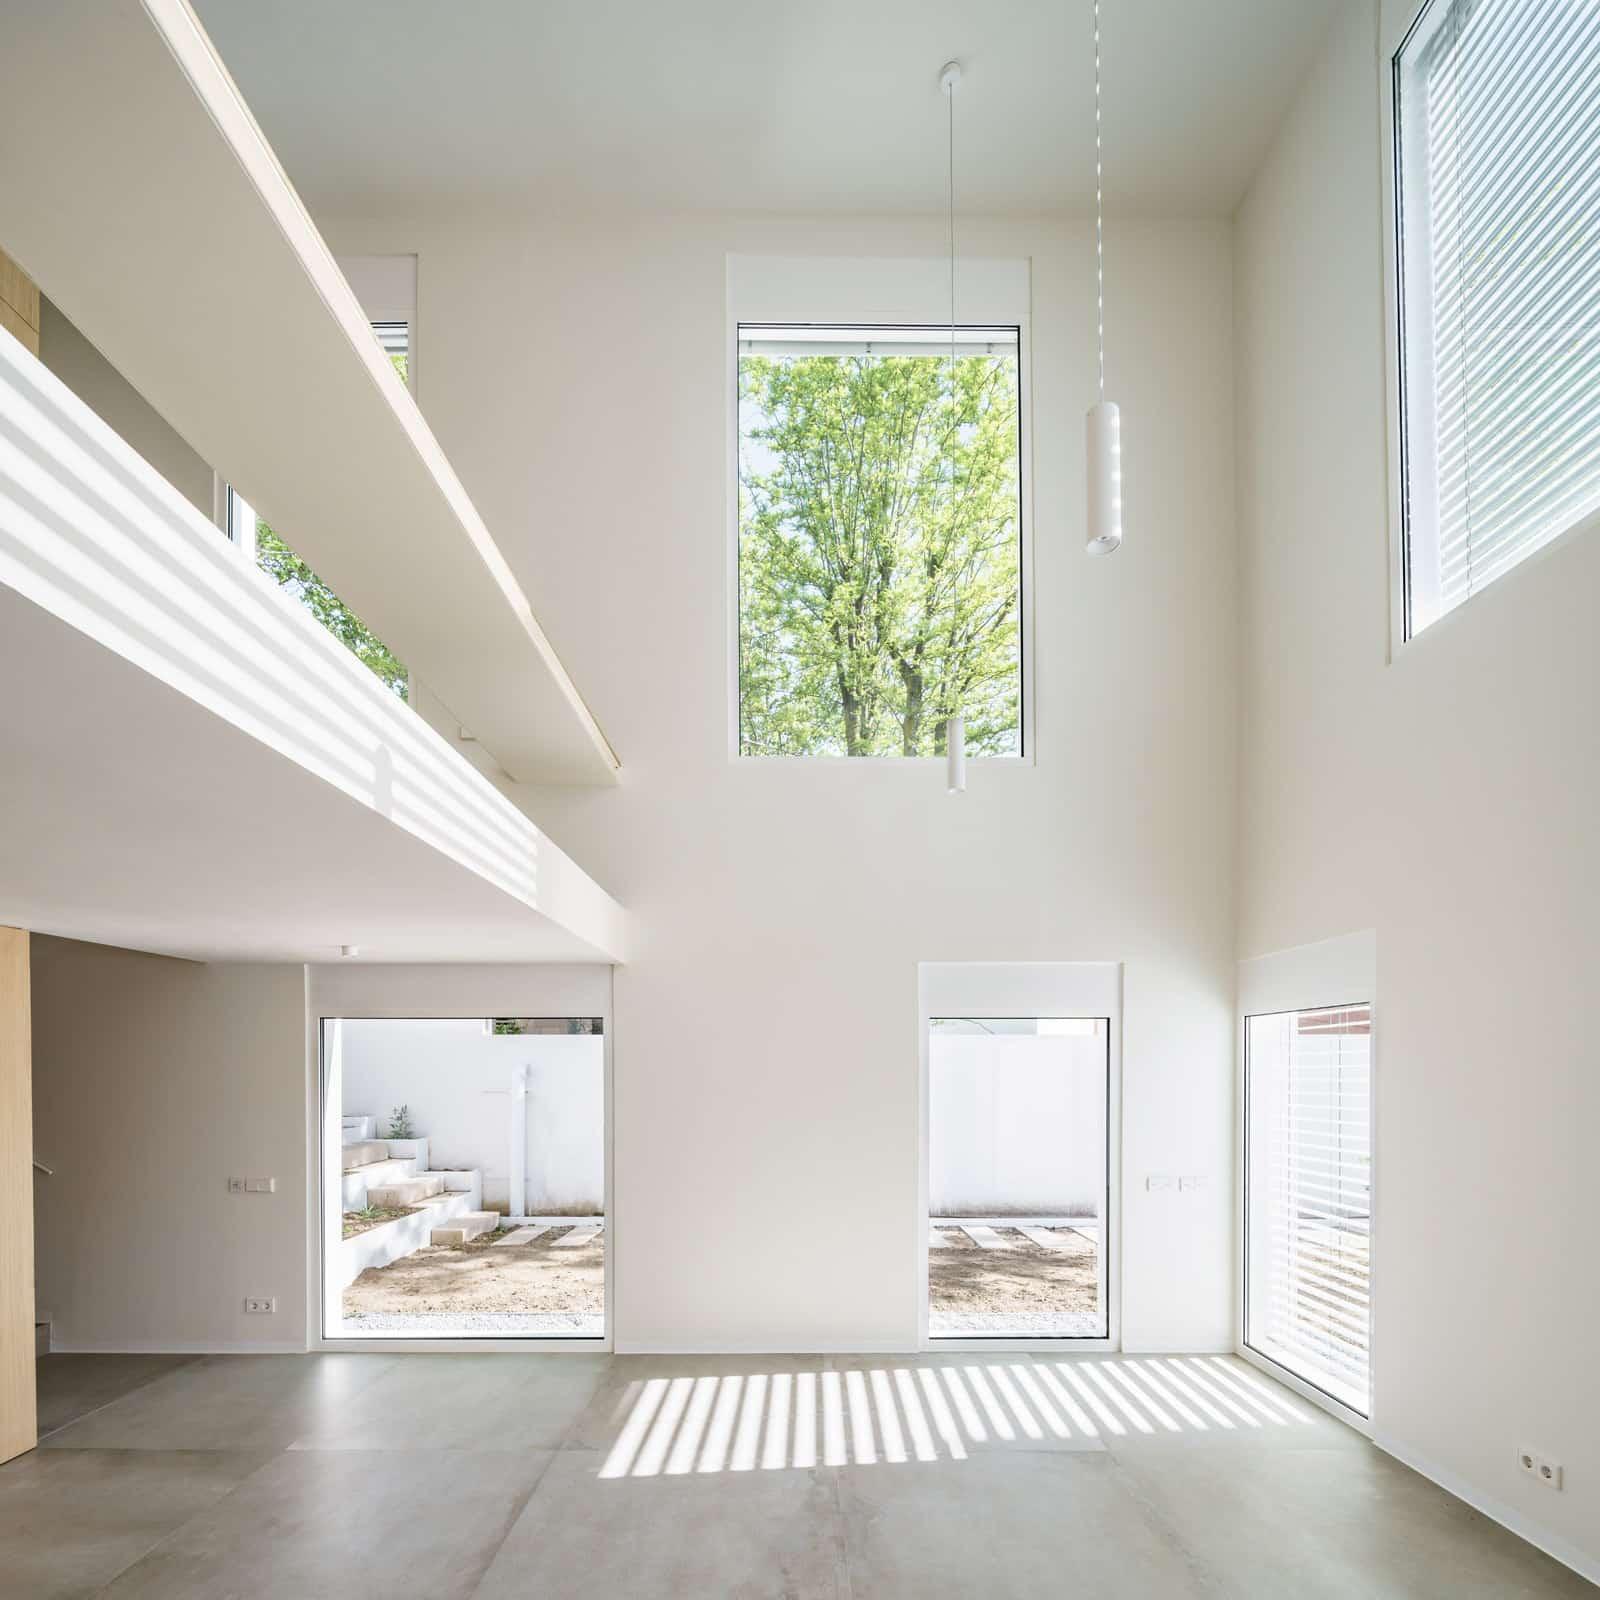 Woodcase House  - 20210907 AyllonParadelaDeAndres Woodcase 07 44